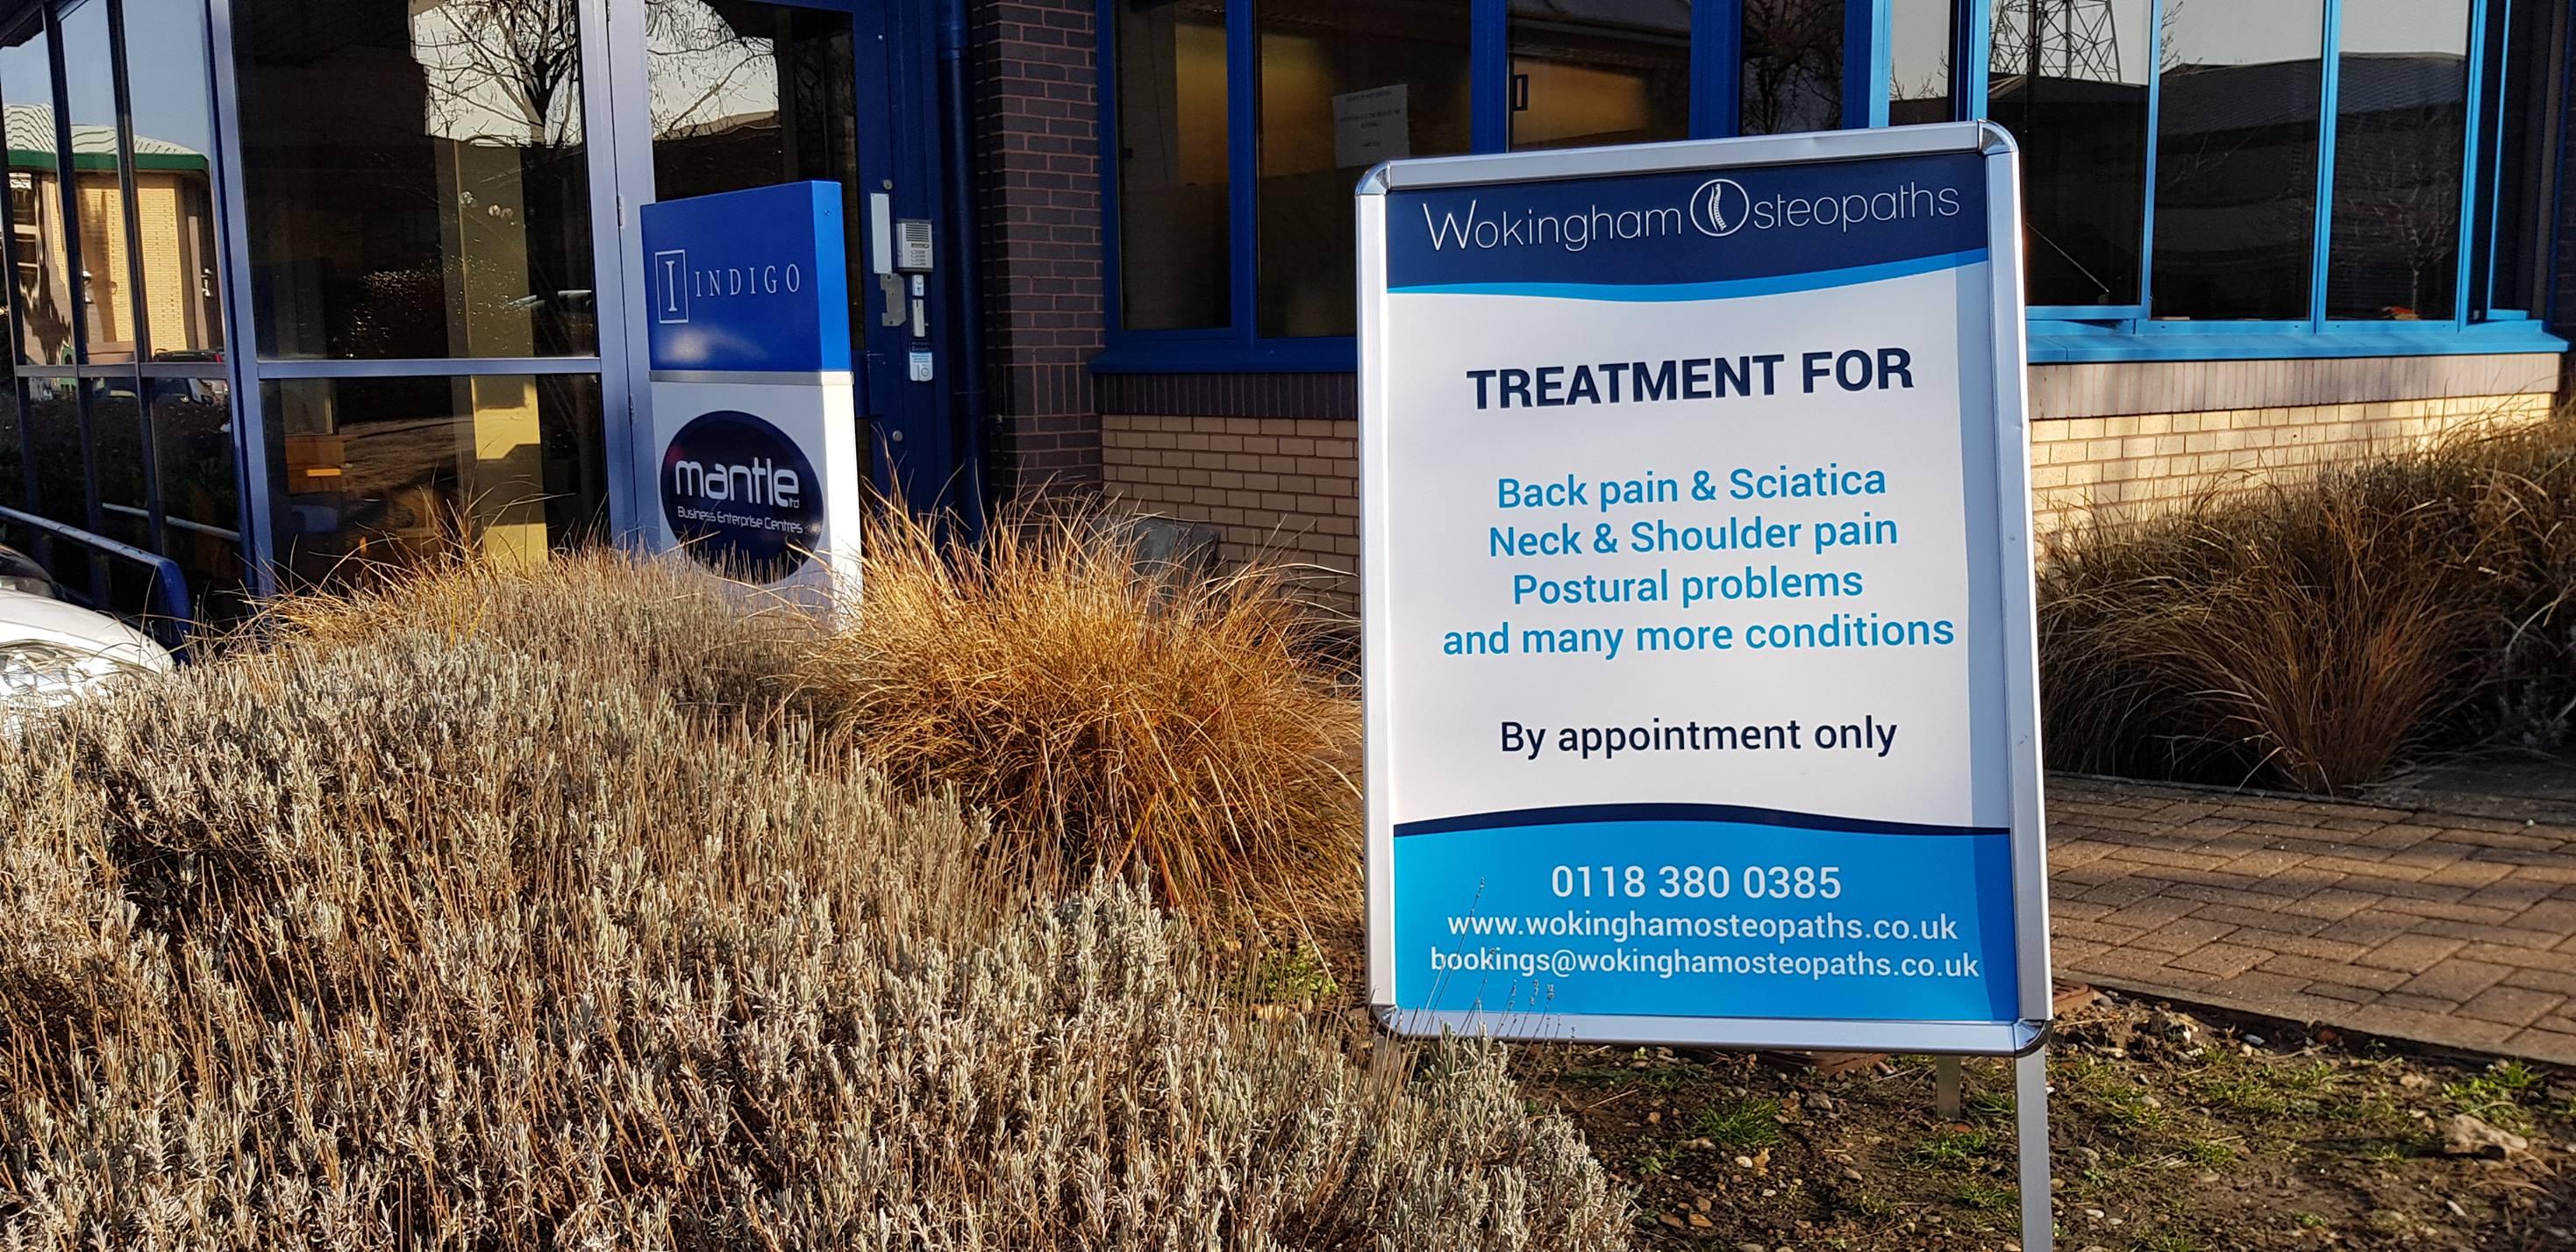 wokingham, osteopath, clinic, signage, treatment, back, pain